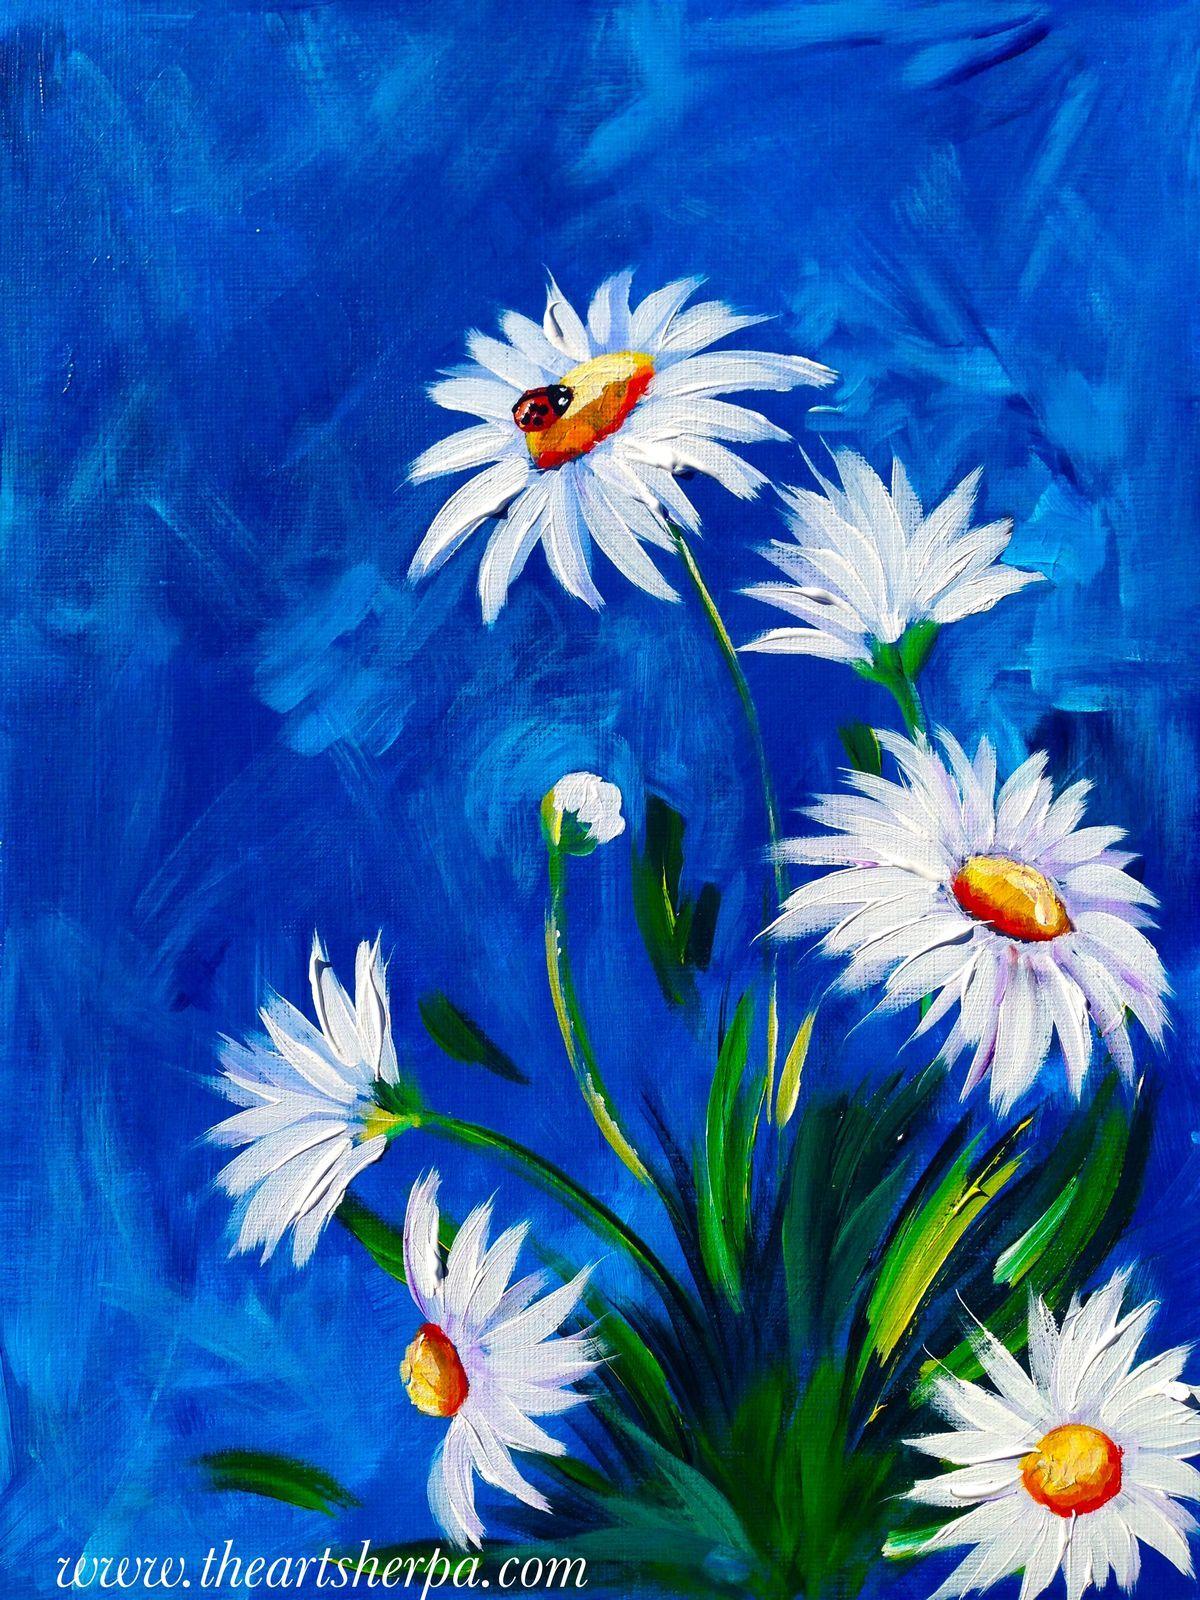 акриловыми красками рисунки картинки важно увековечить